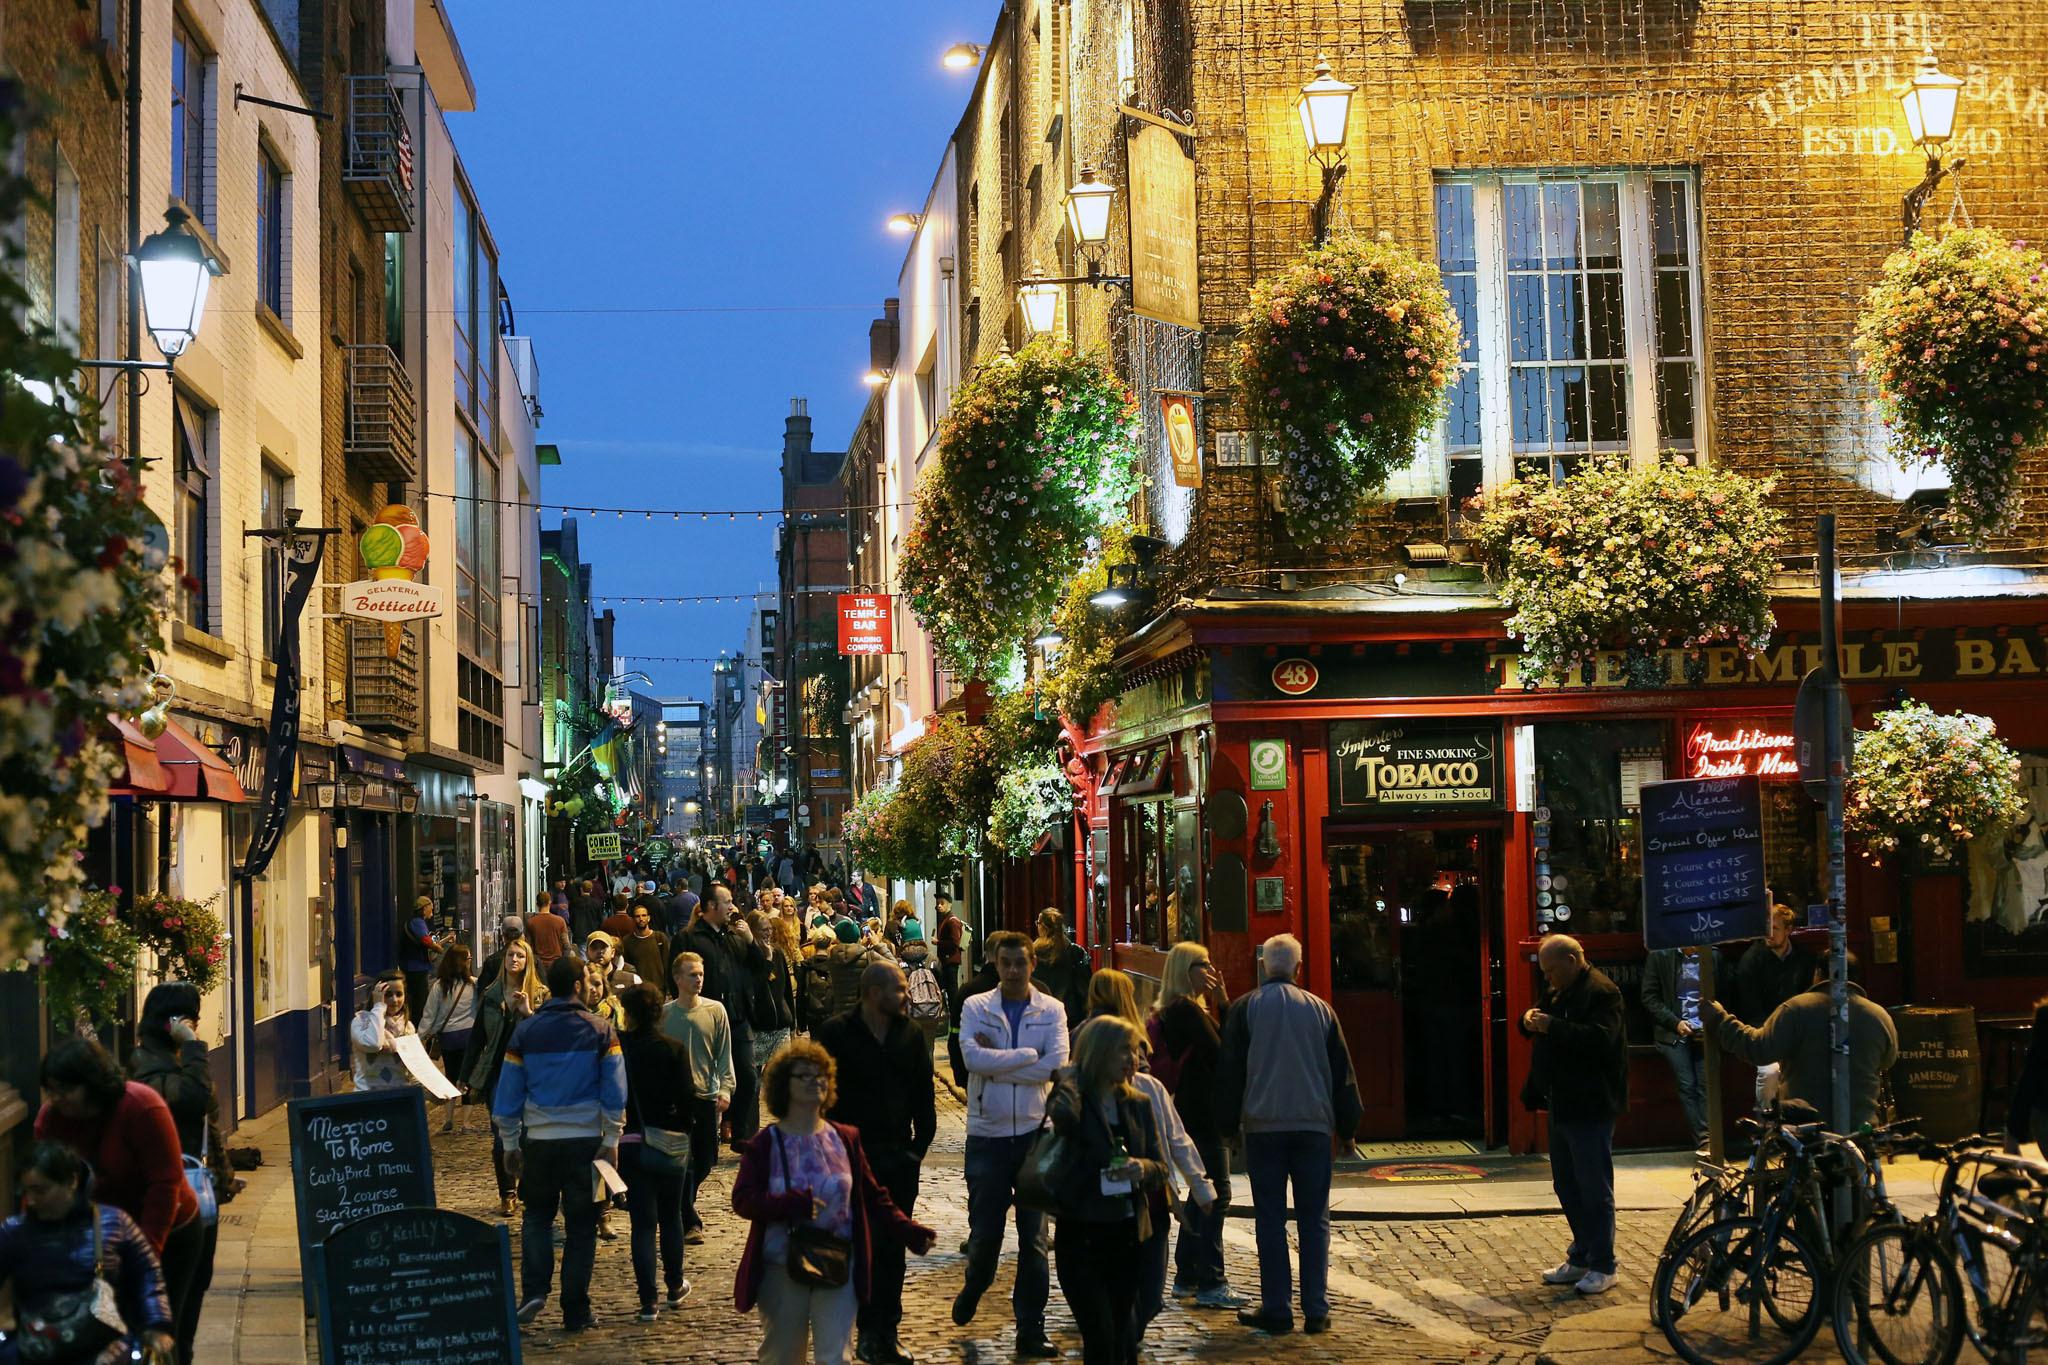 5 Dublin neighbourhoods you should check out